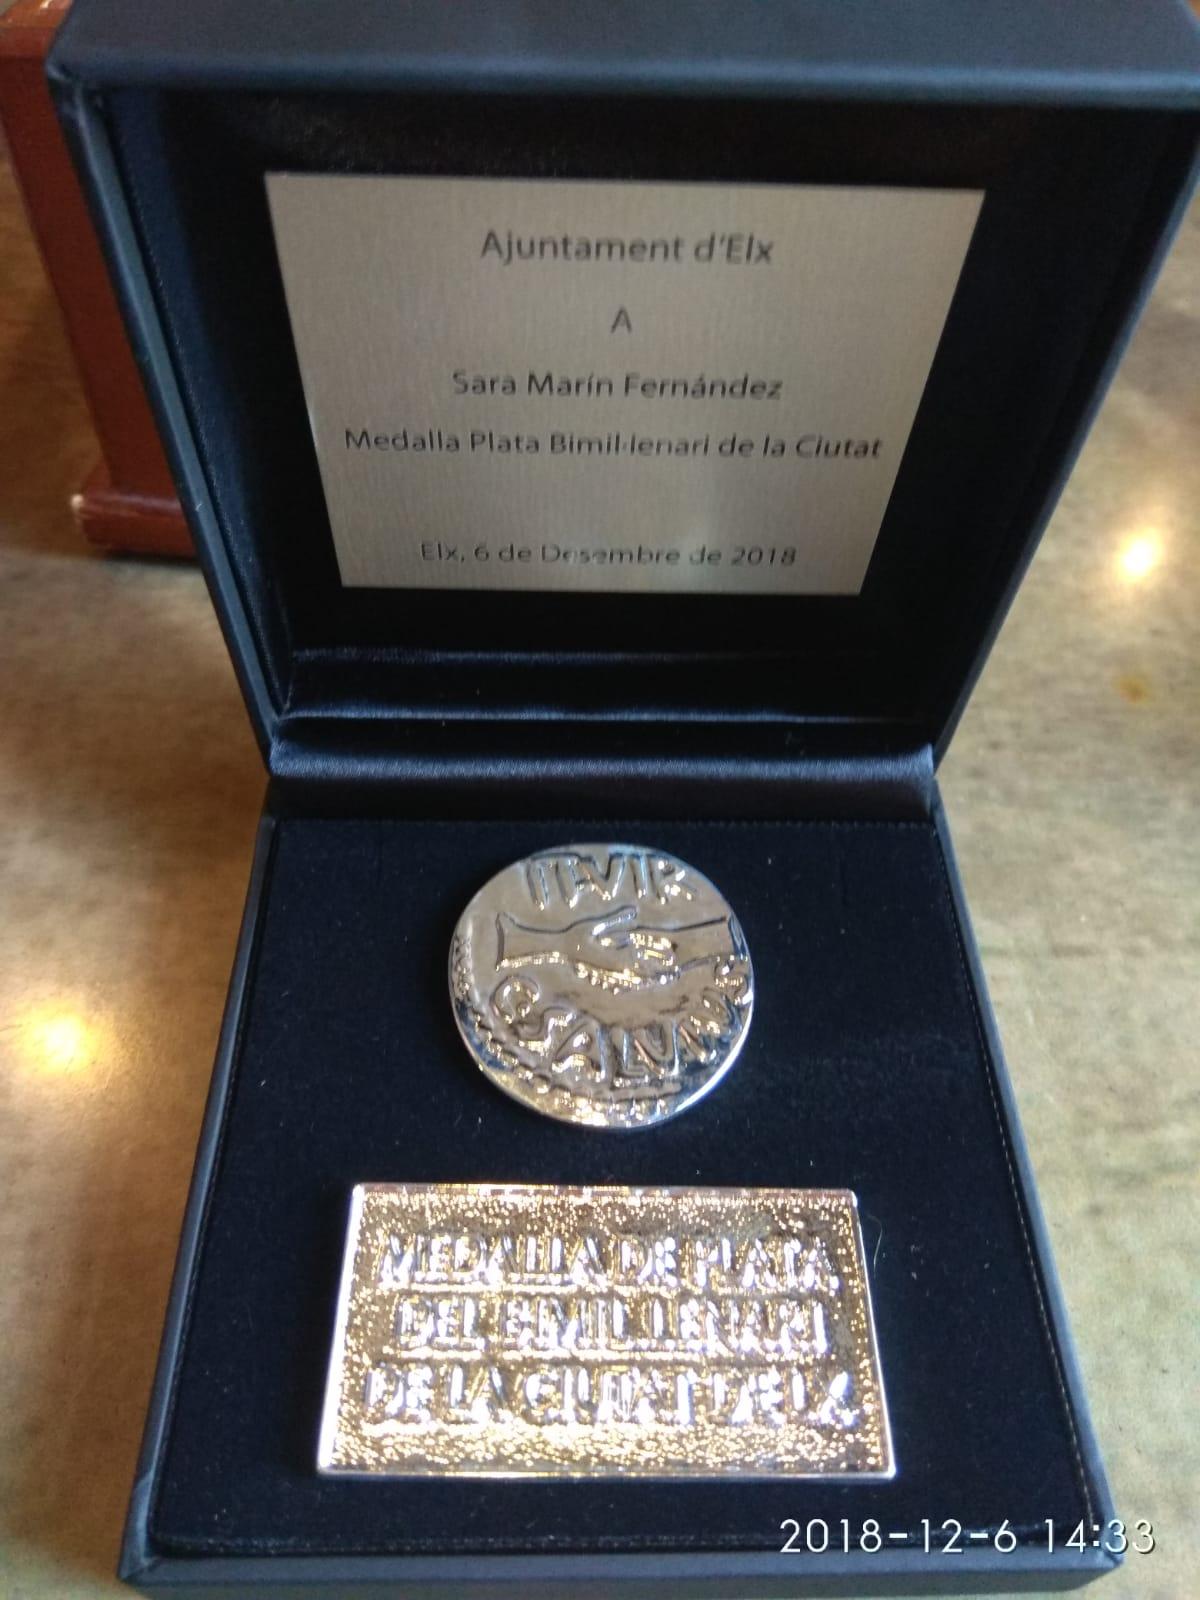 Medalla de Plata Bimil.lenari de la Ciutat de Elx (Medalla de Plata bimilenaria de la Ciudad de Elche)